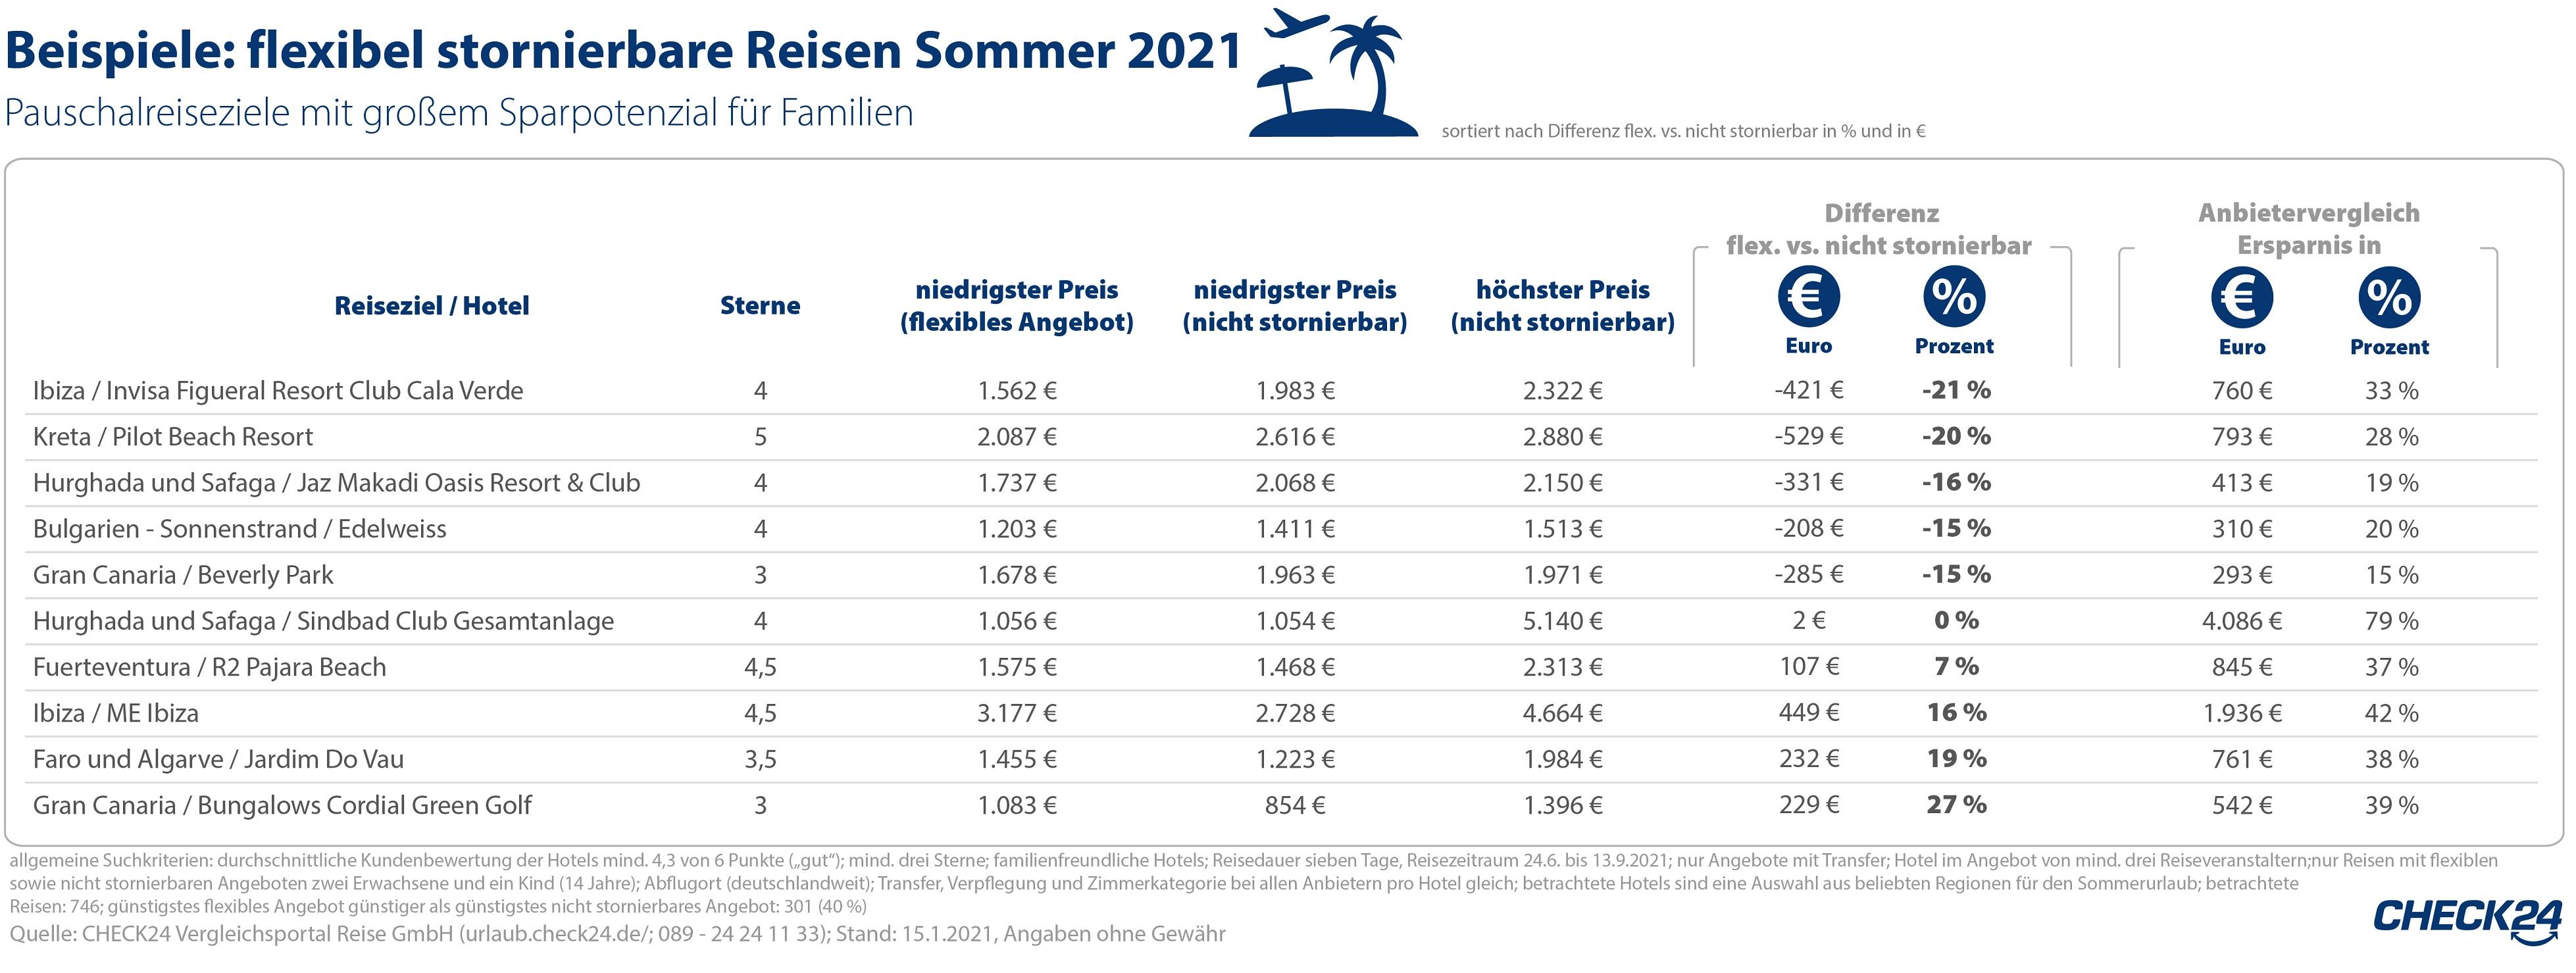 – Vergleichen Urlauber*innen verschiedene Angebote für ihre Pauschalreise, sparen sie bis zu 79 Prozent der Reisekosten.